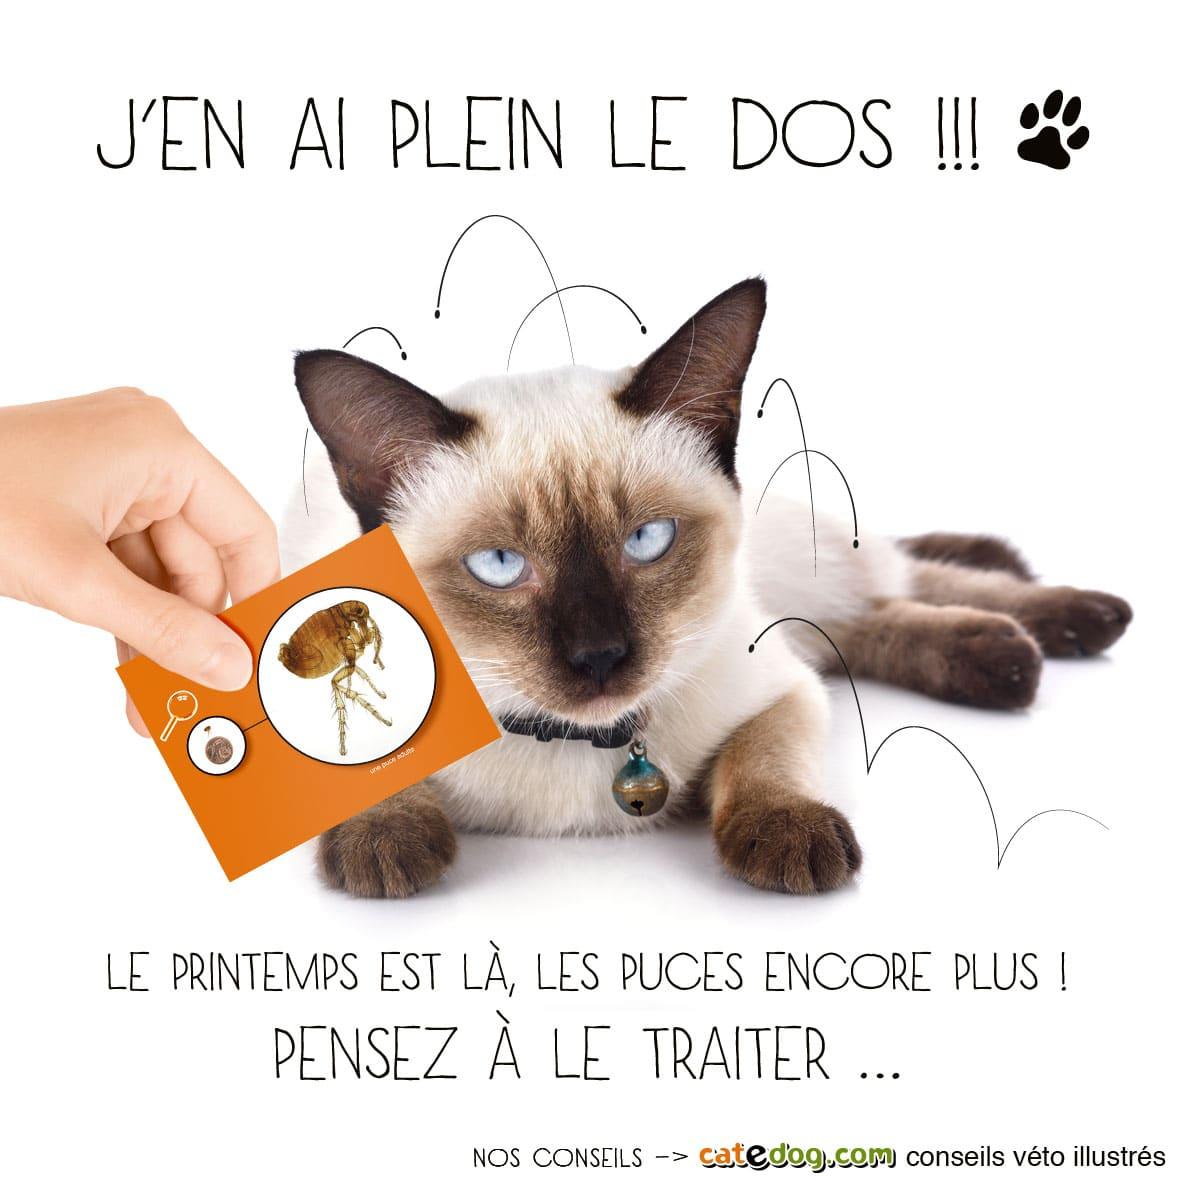 Traiter et traitement du chat contre les puces